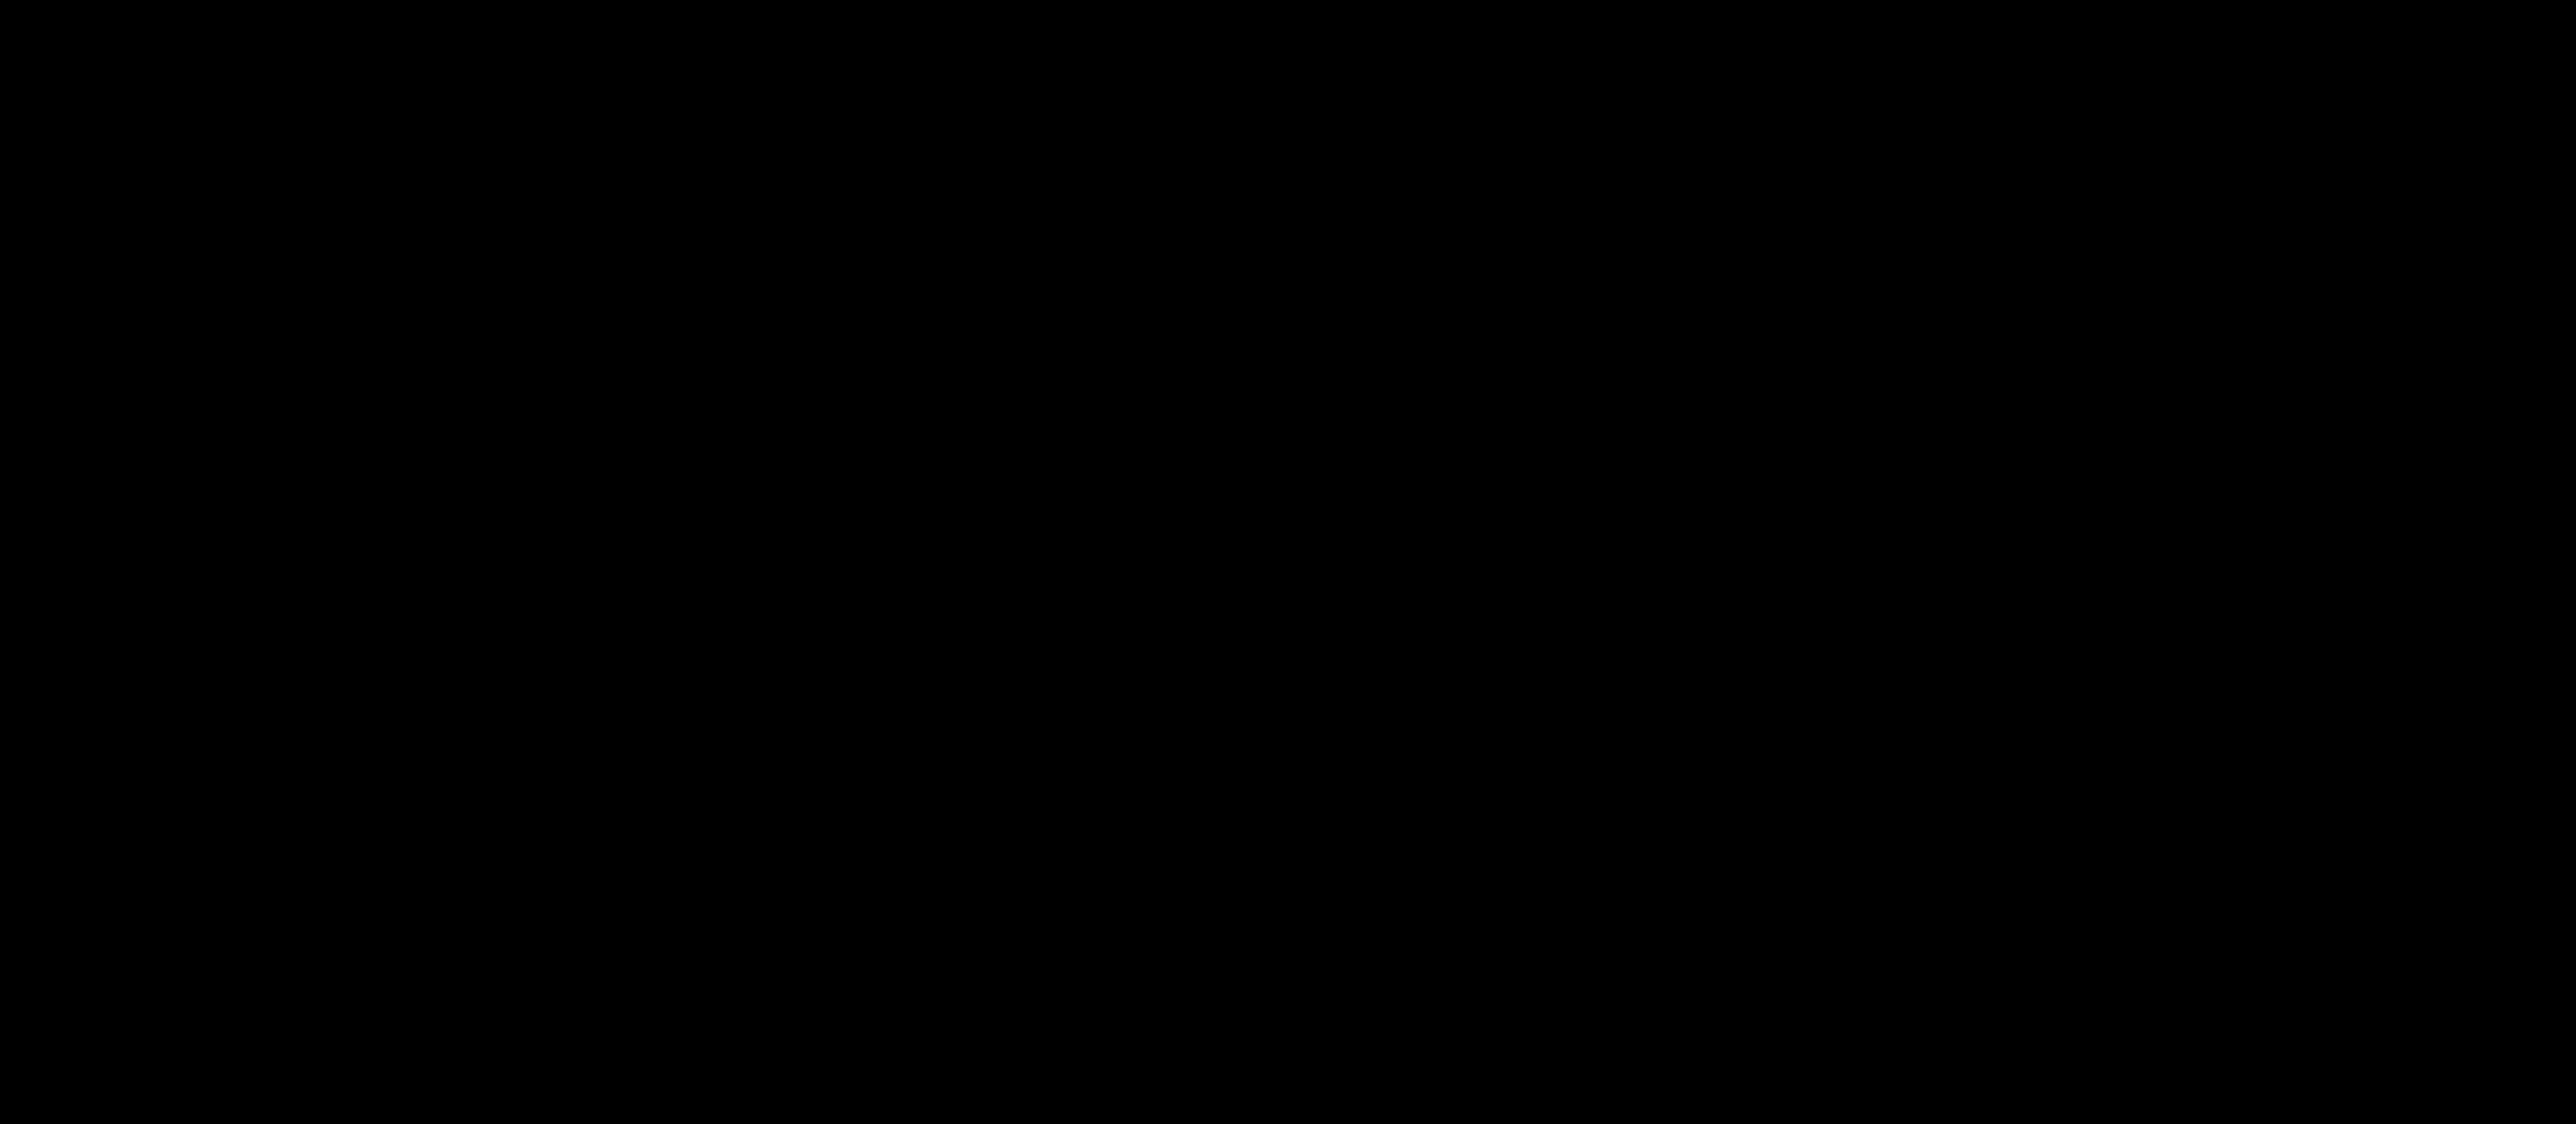 khiral-logo-black-nooutline